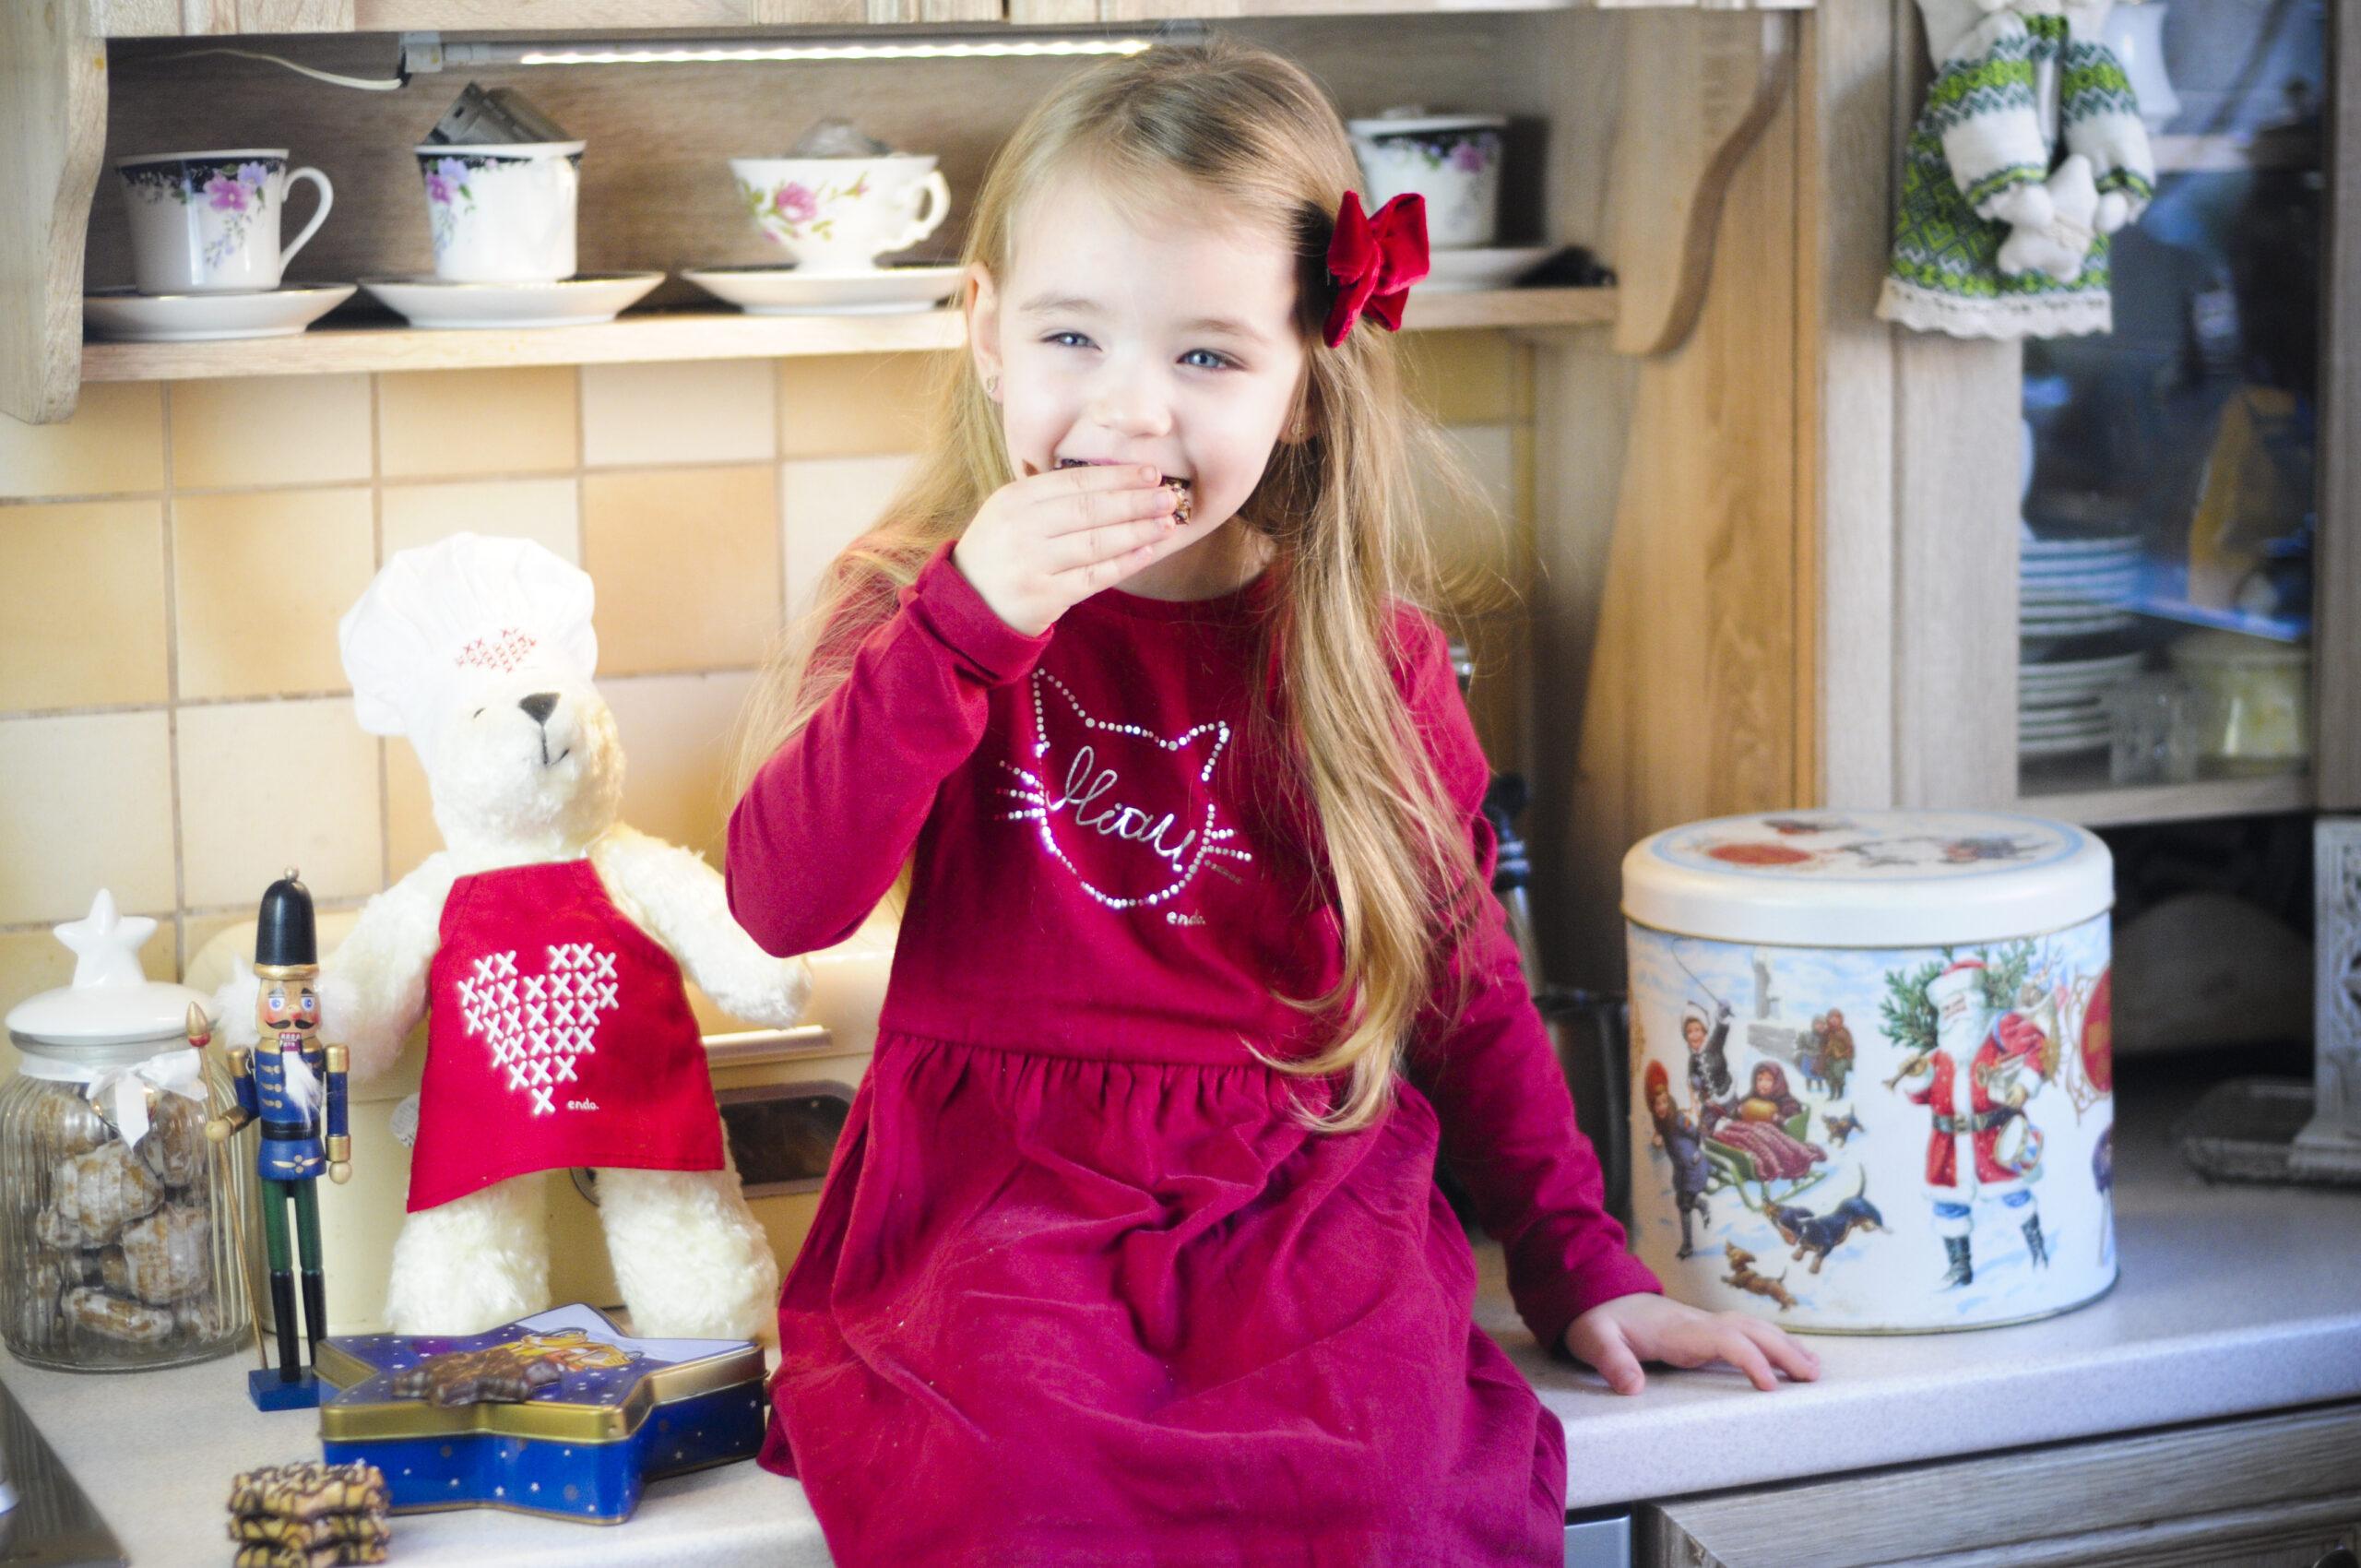 Mała dziewczynka w czerwonej sukience jedząca piernik świąteczny na blacie w kuchni.